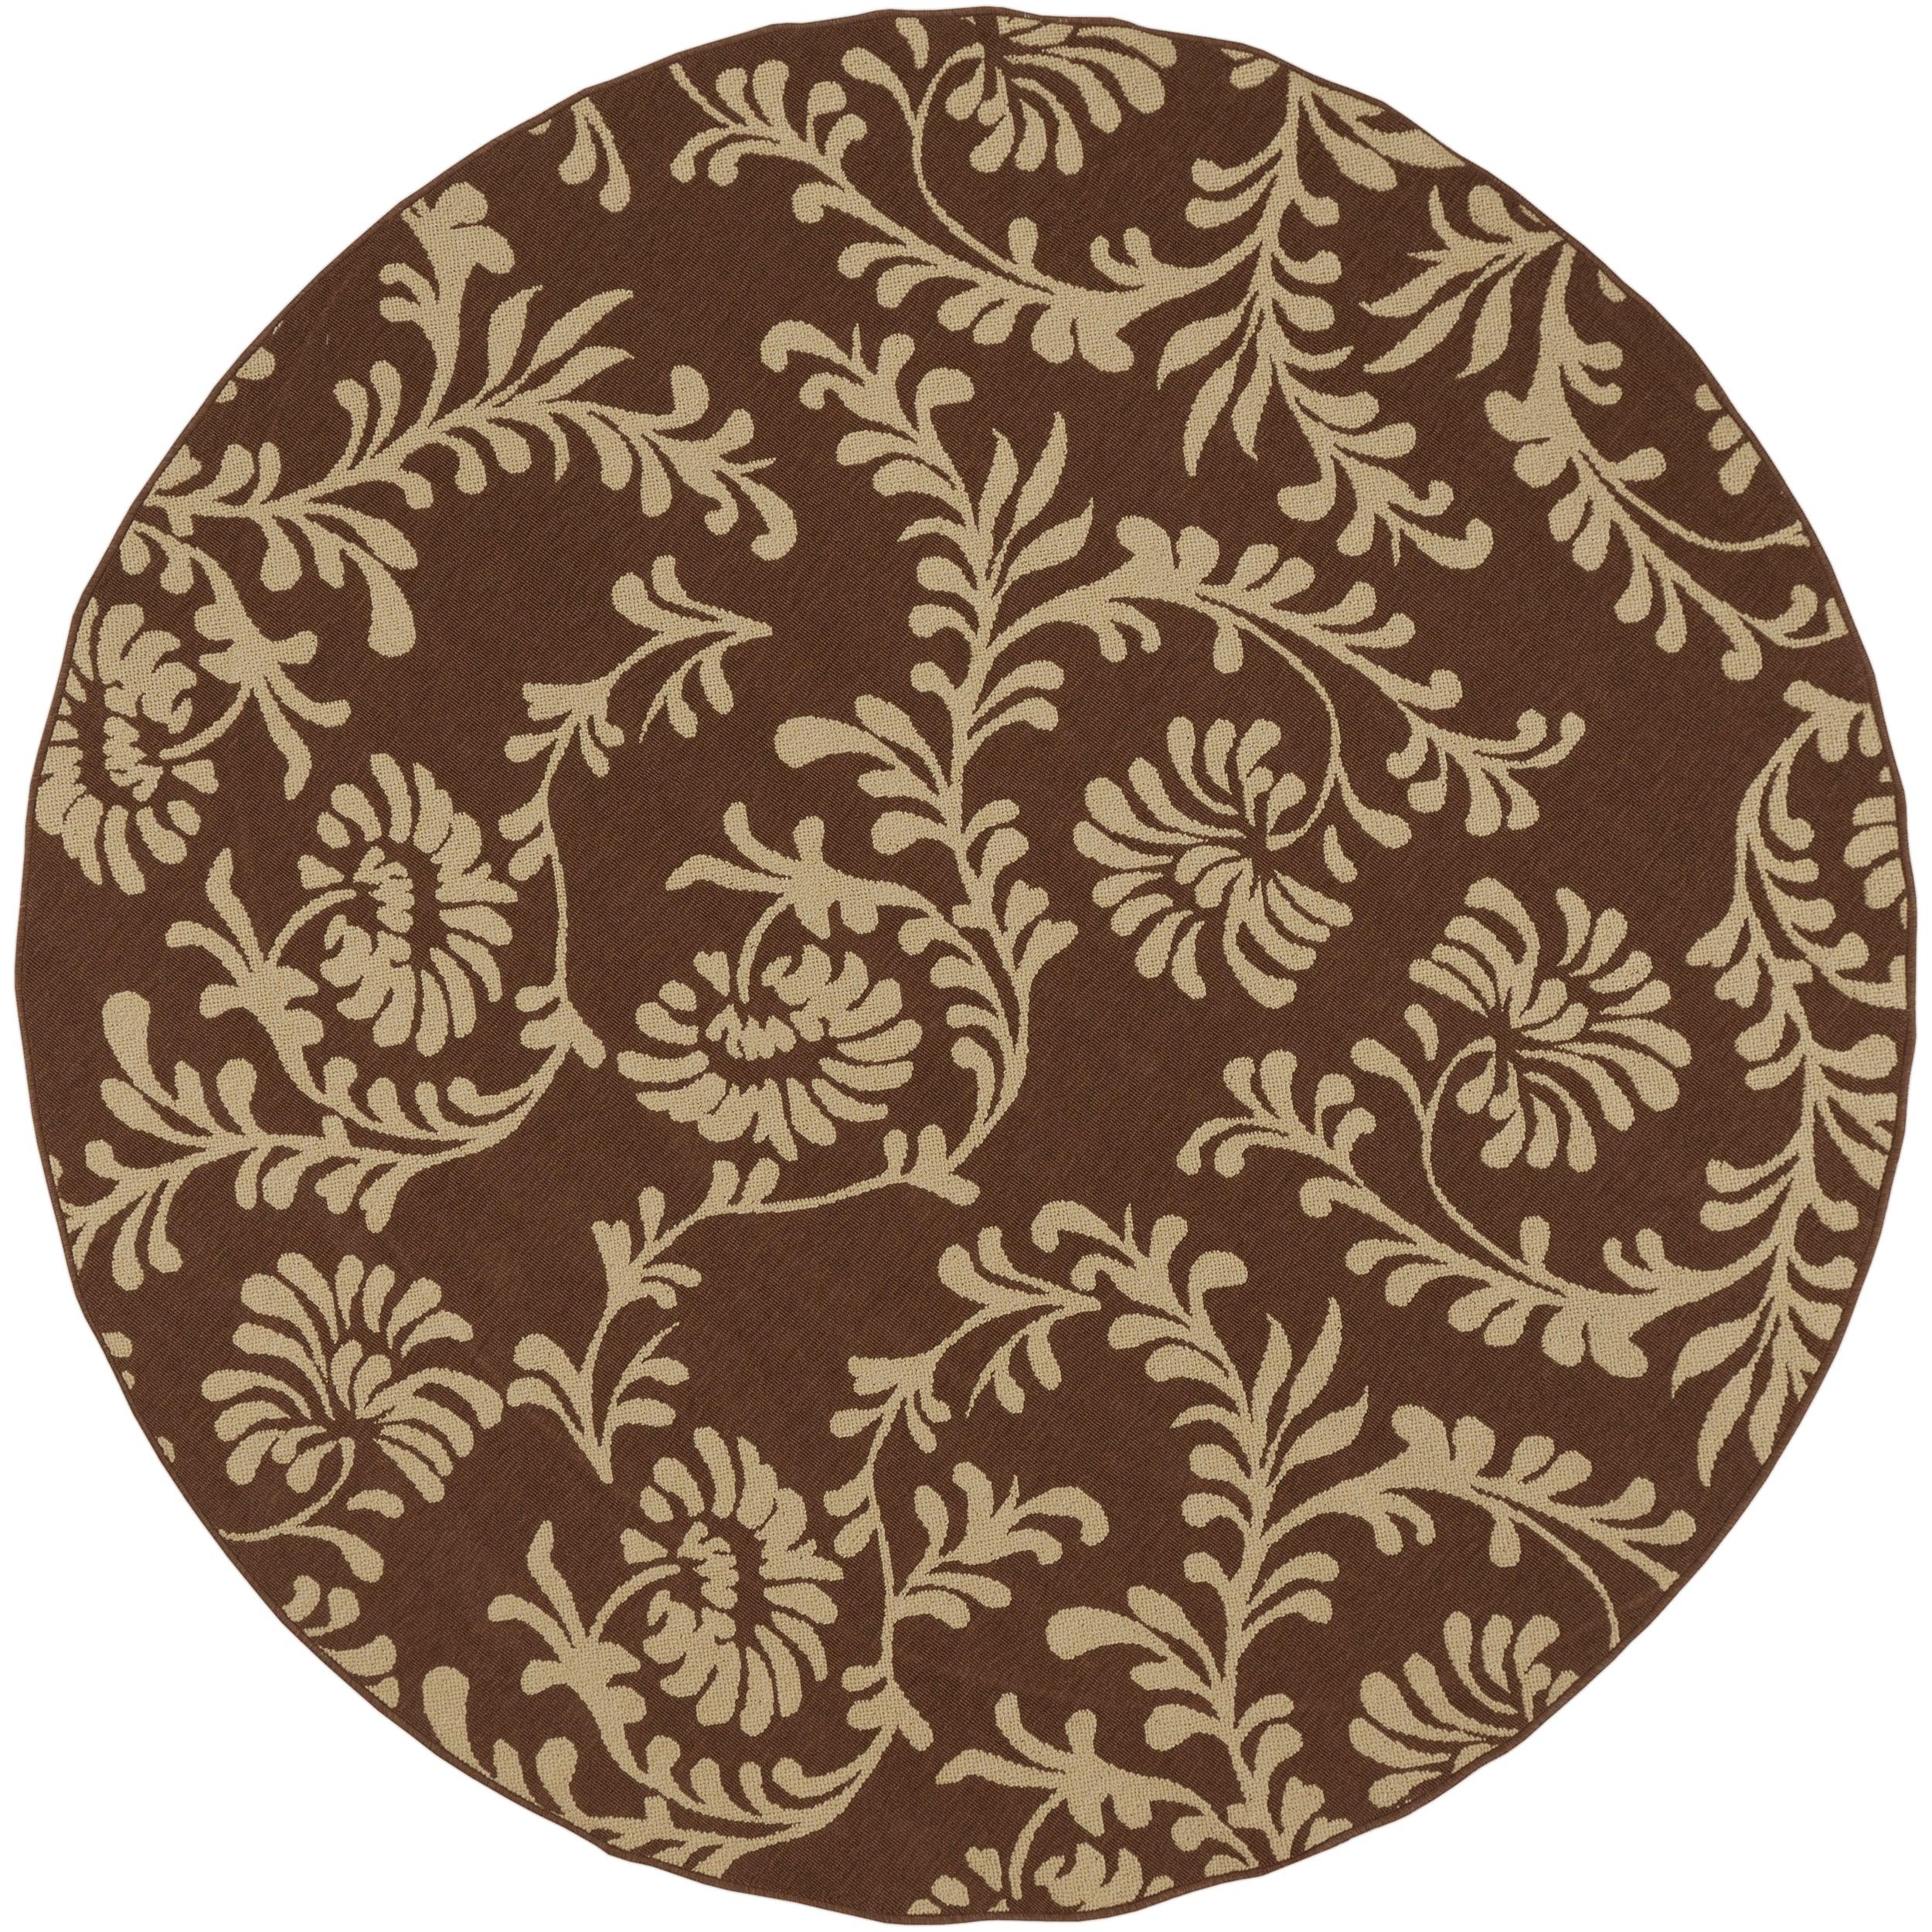 Naples Russet Floral Indoor/Outdoor Rug (7'3 x 7'3)